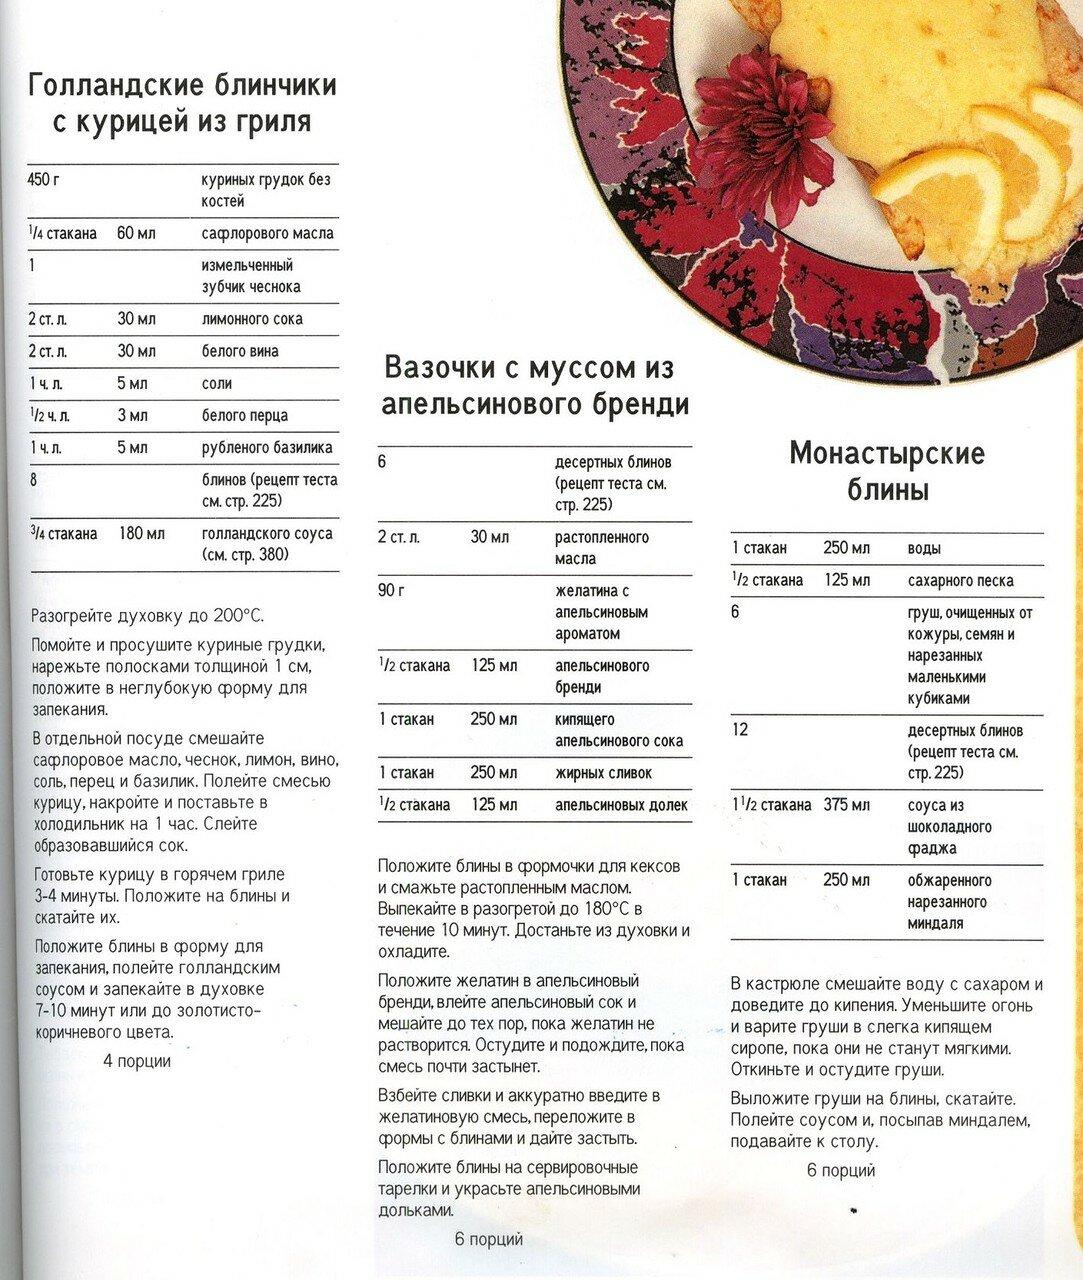 Блины в стаканах рецепты